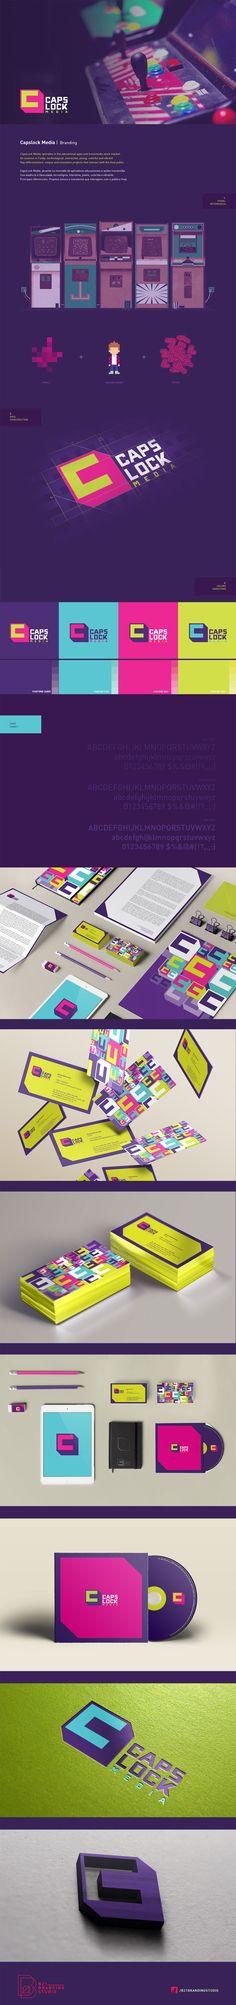 Branding and Visual Identity for Caps Lock | B21 Branding Studio